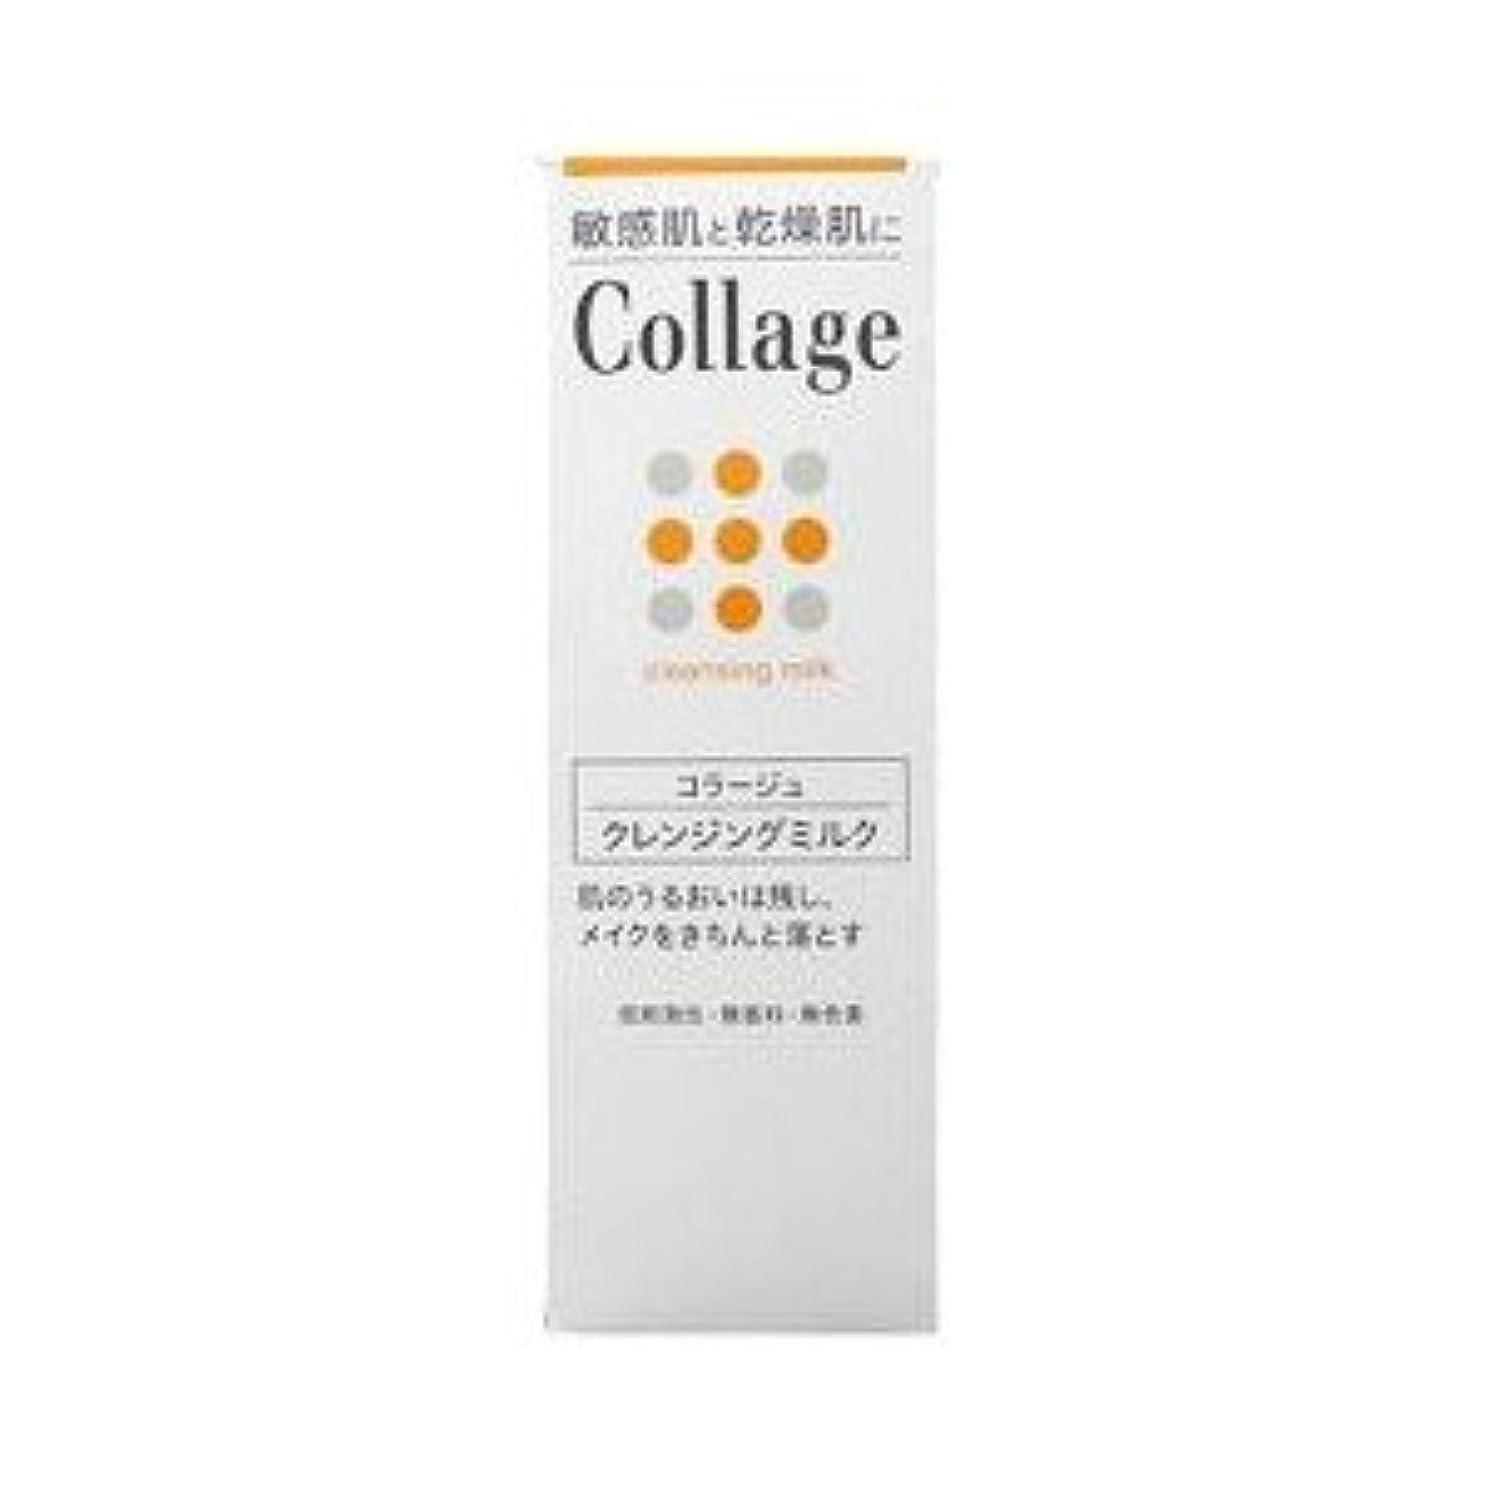 戸棚準備ができて可能にする(持田ヘルスケア)コラージュ クレンジングミルク 100g(お買い得3個セット)